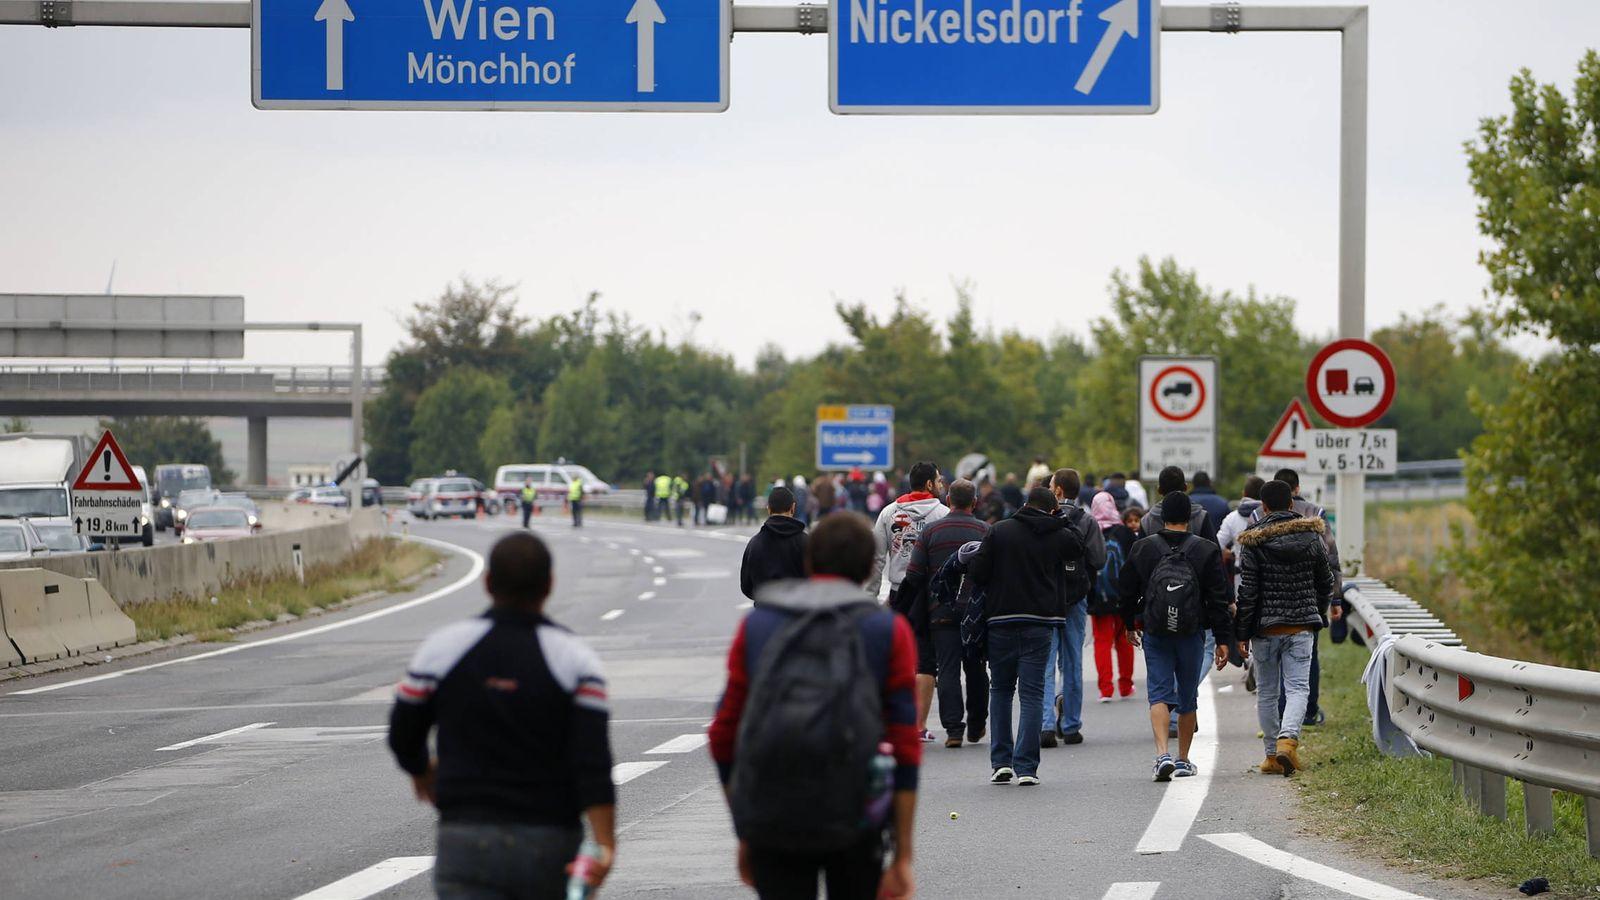 Foto: Migrantes y refugiados caminan por una autopista hacia Viena, cerca de Nickelsdorf, Austria (Reuters).